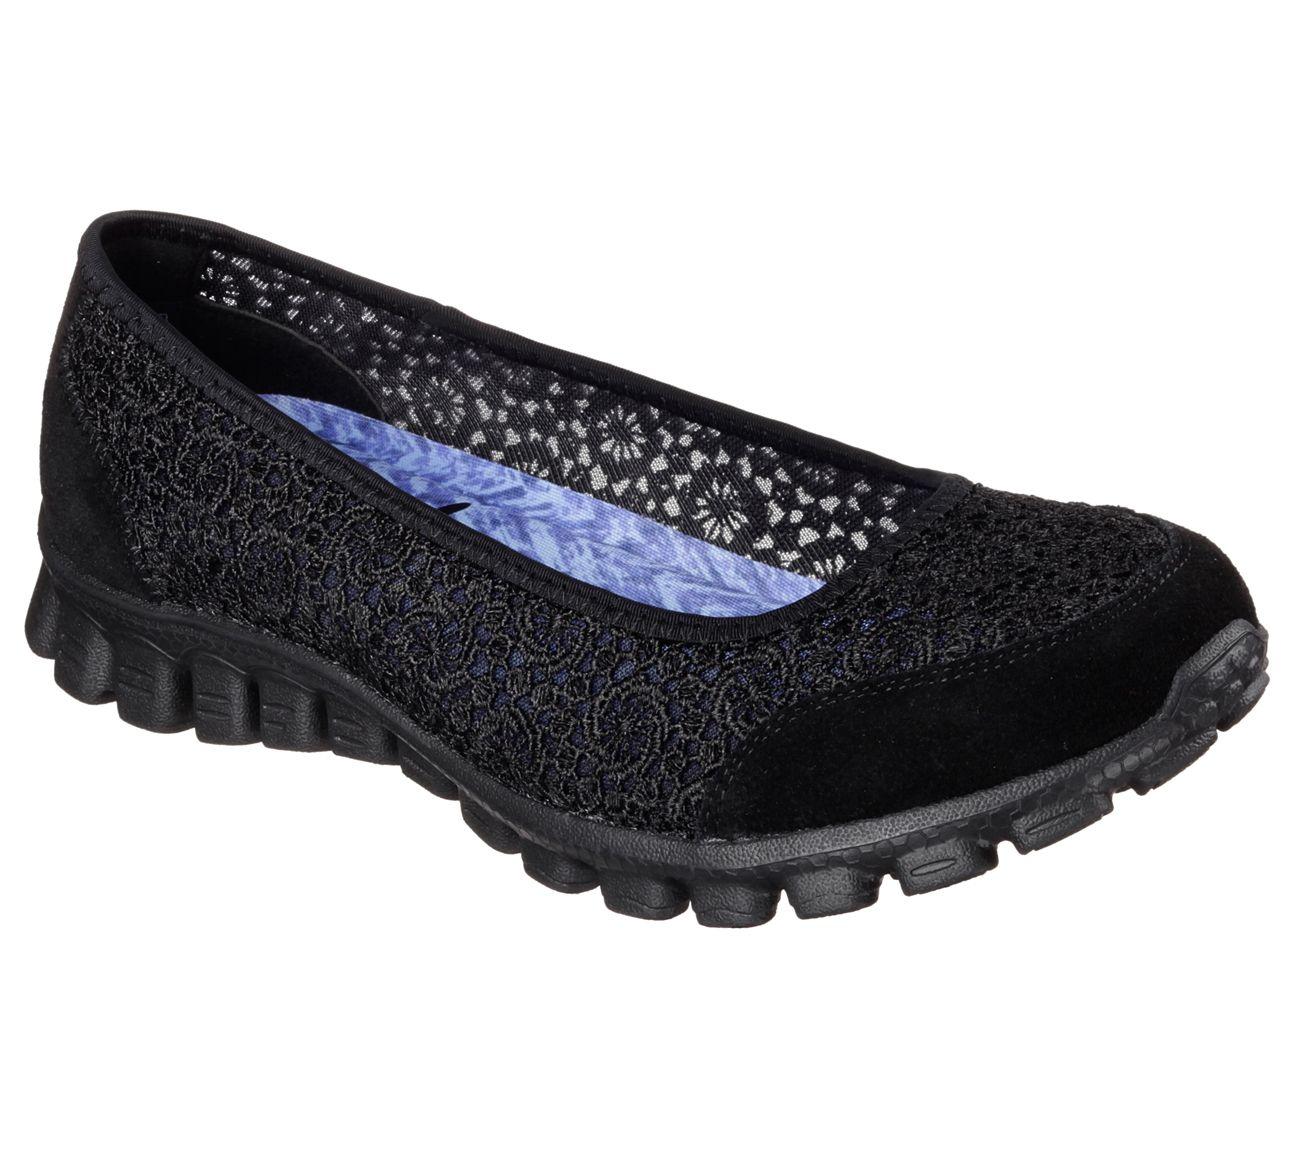 Breezy stylish fun and comfort take wing in the SKECHERS EZ Flex 2 -  Flighty shoe